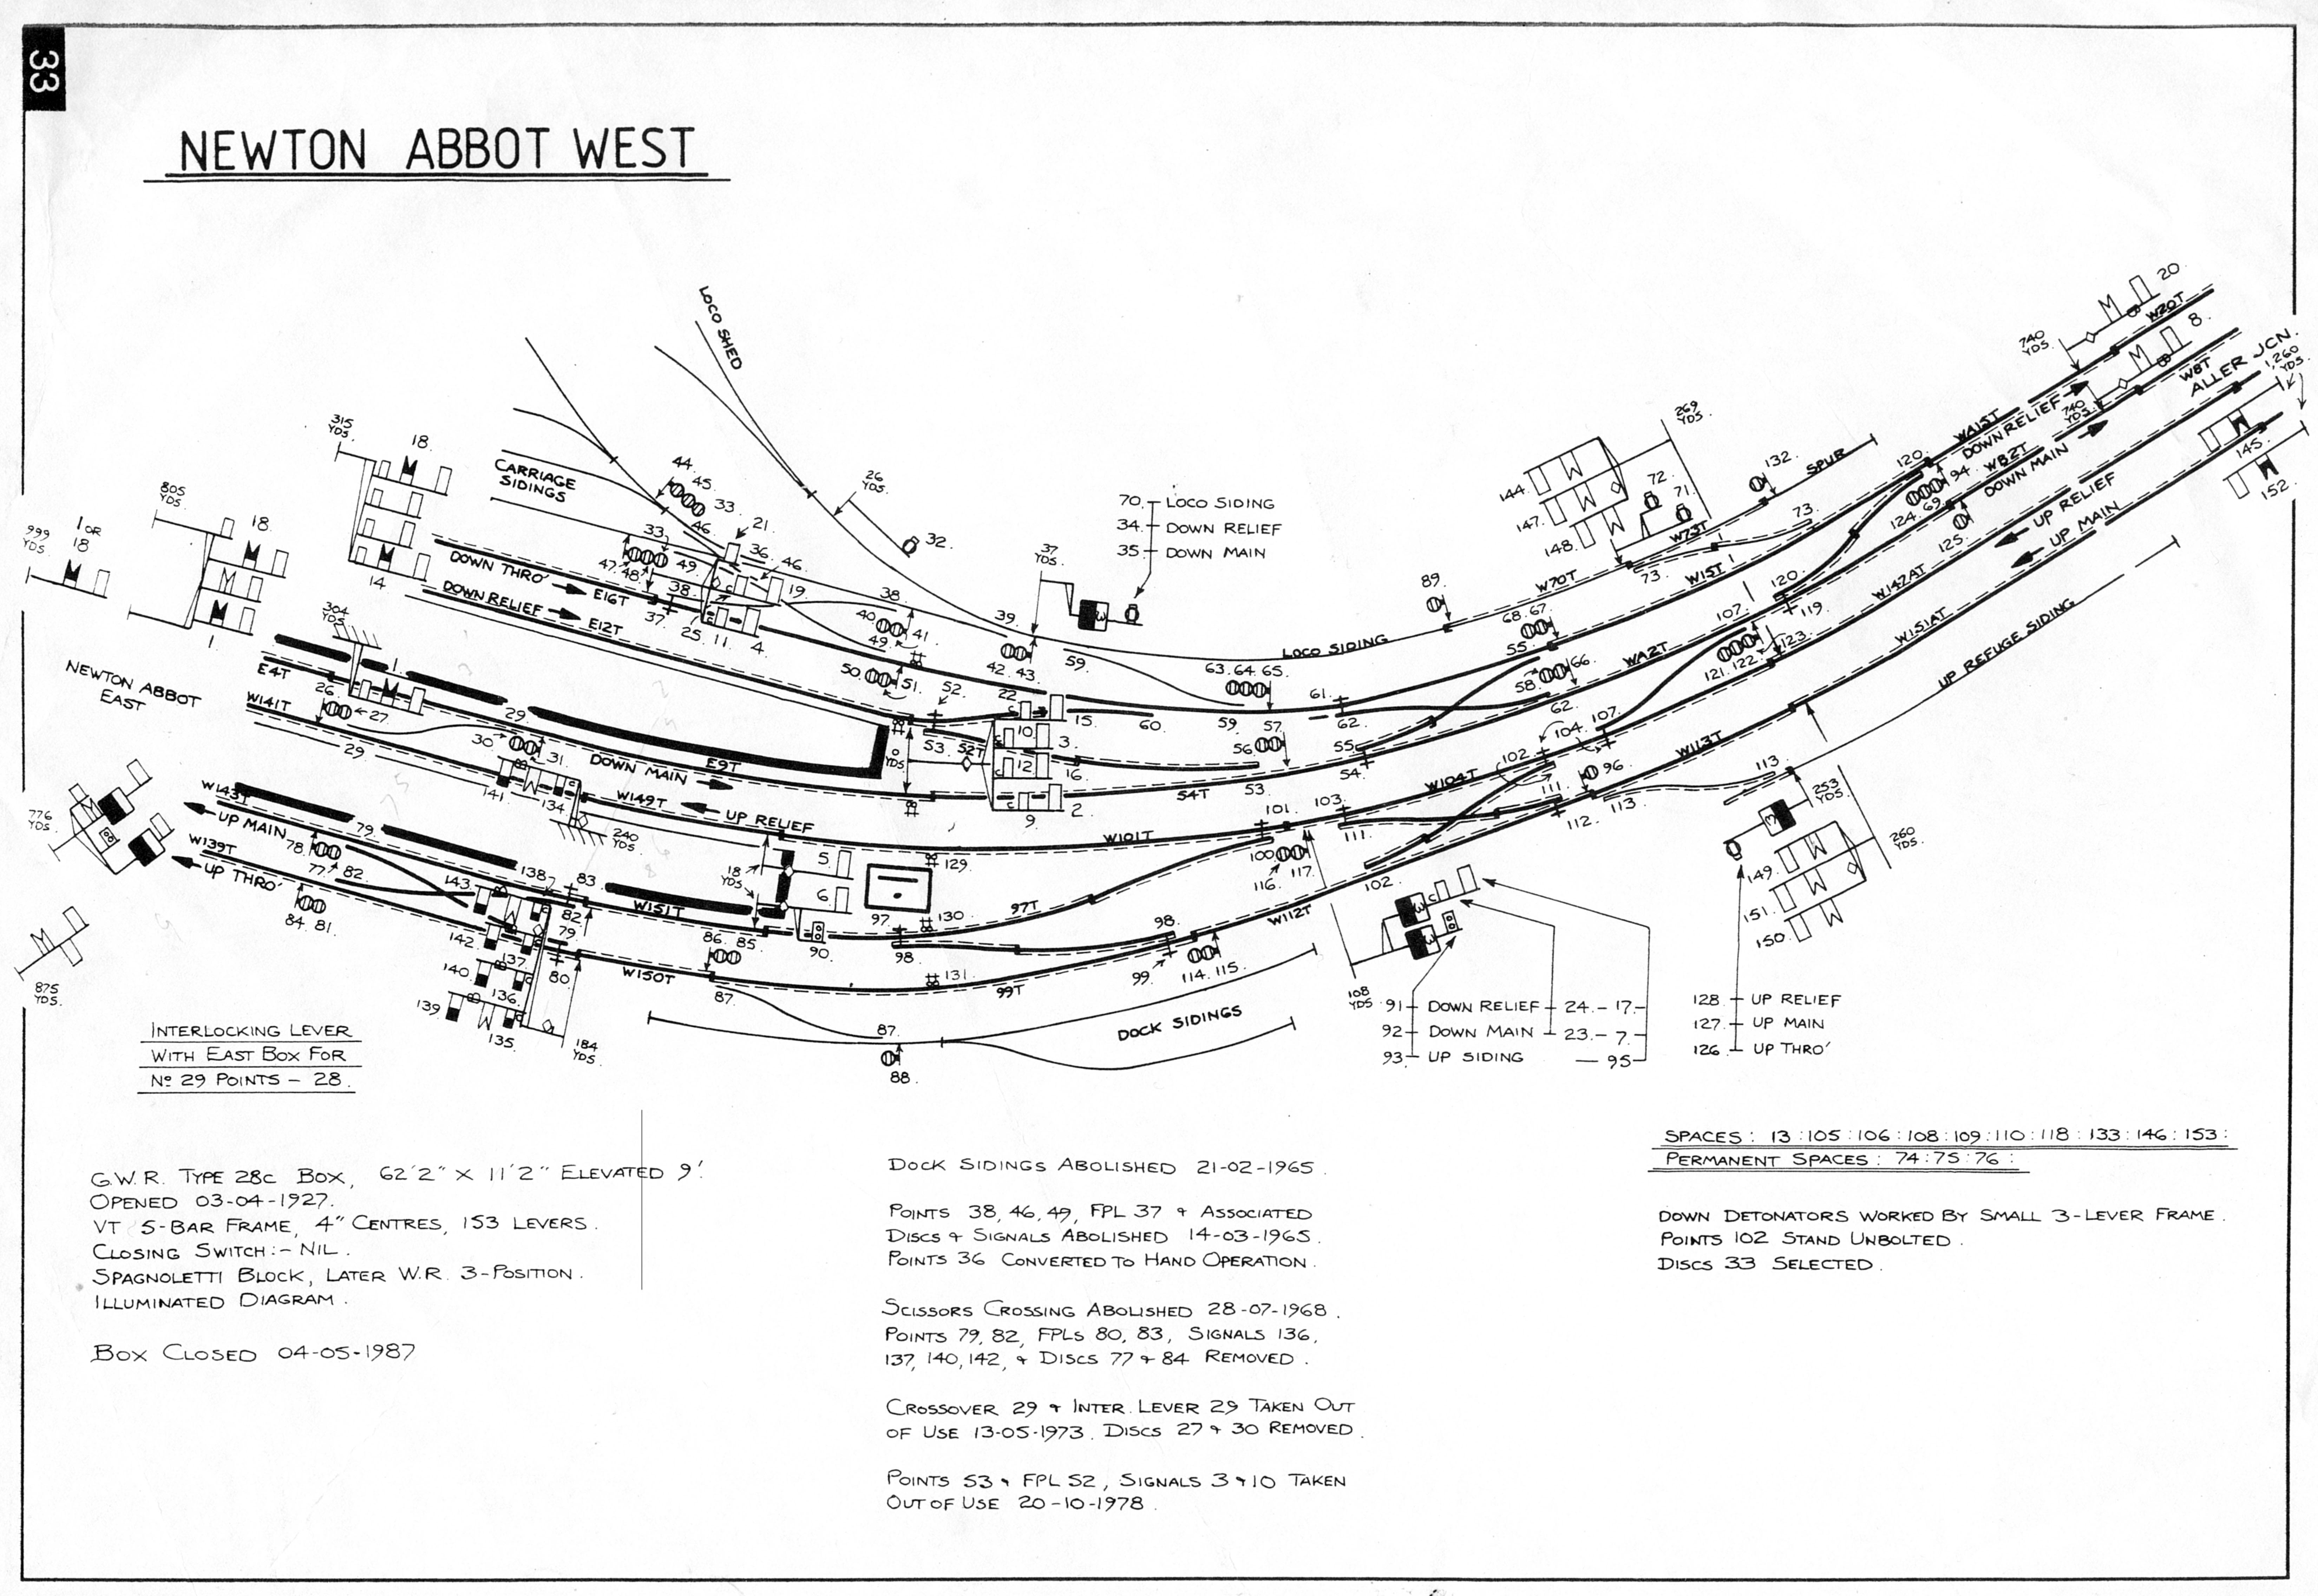 Alextrack Model Railways Newton Abbot Newton Abbot West